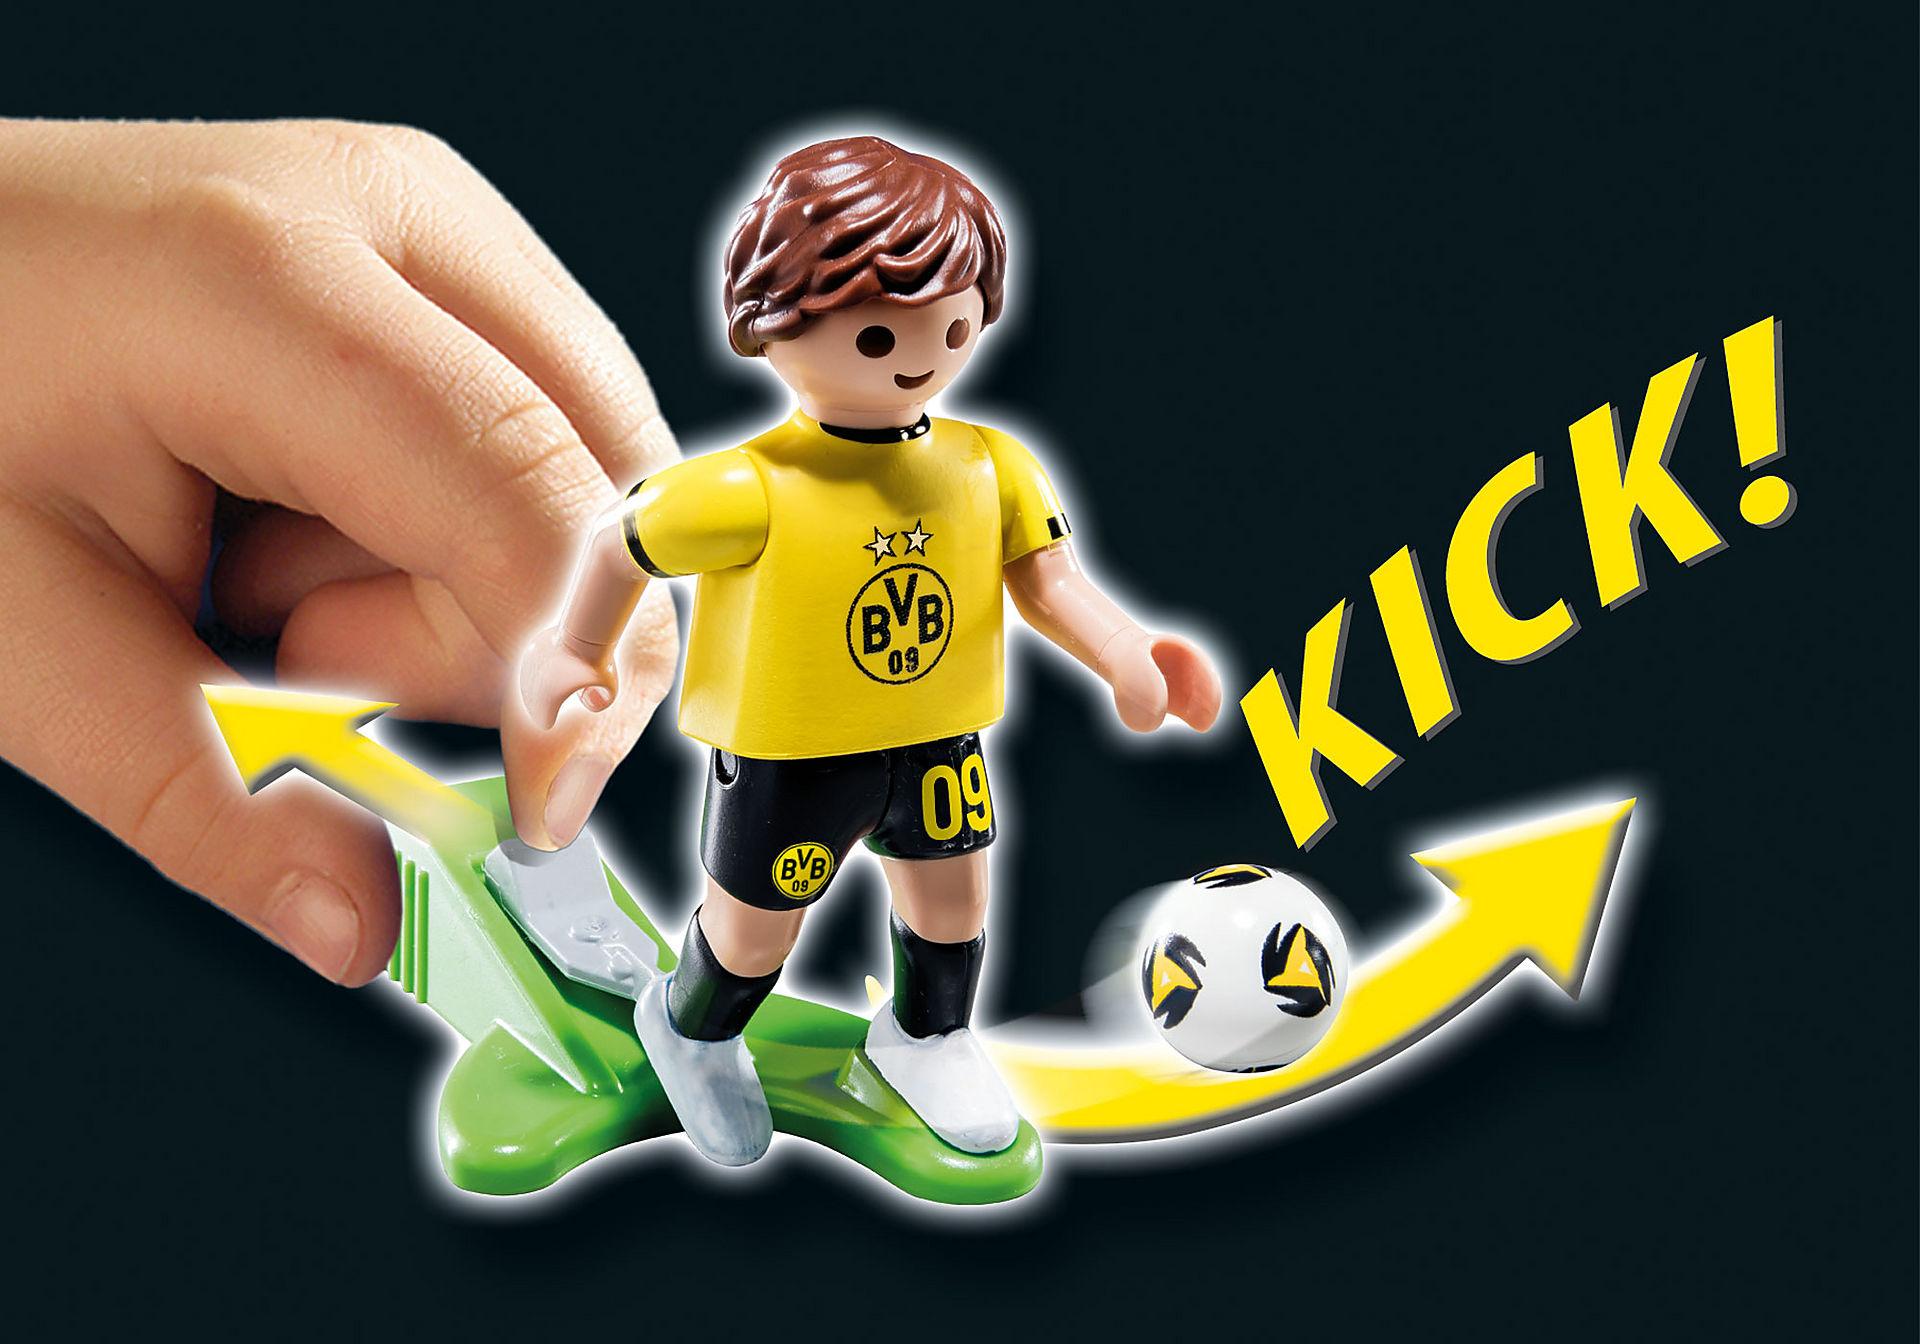 70545 Promover o jogador de futebol BVB zoom image4